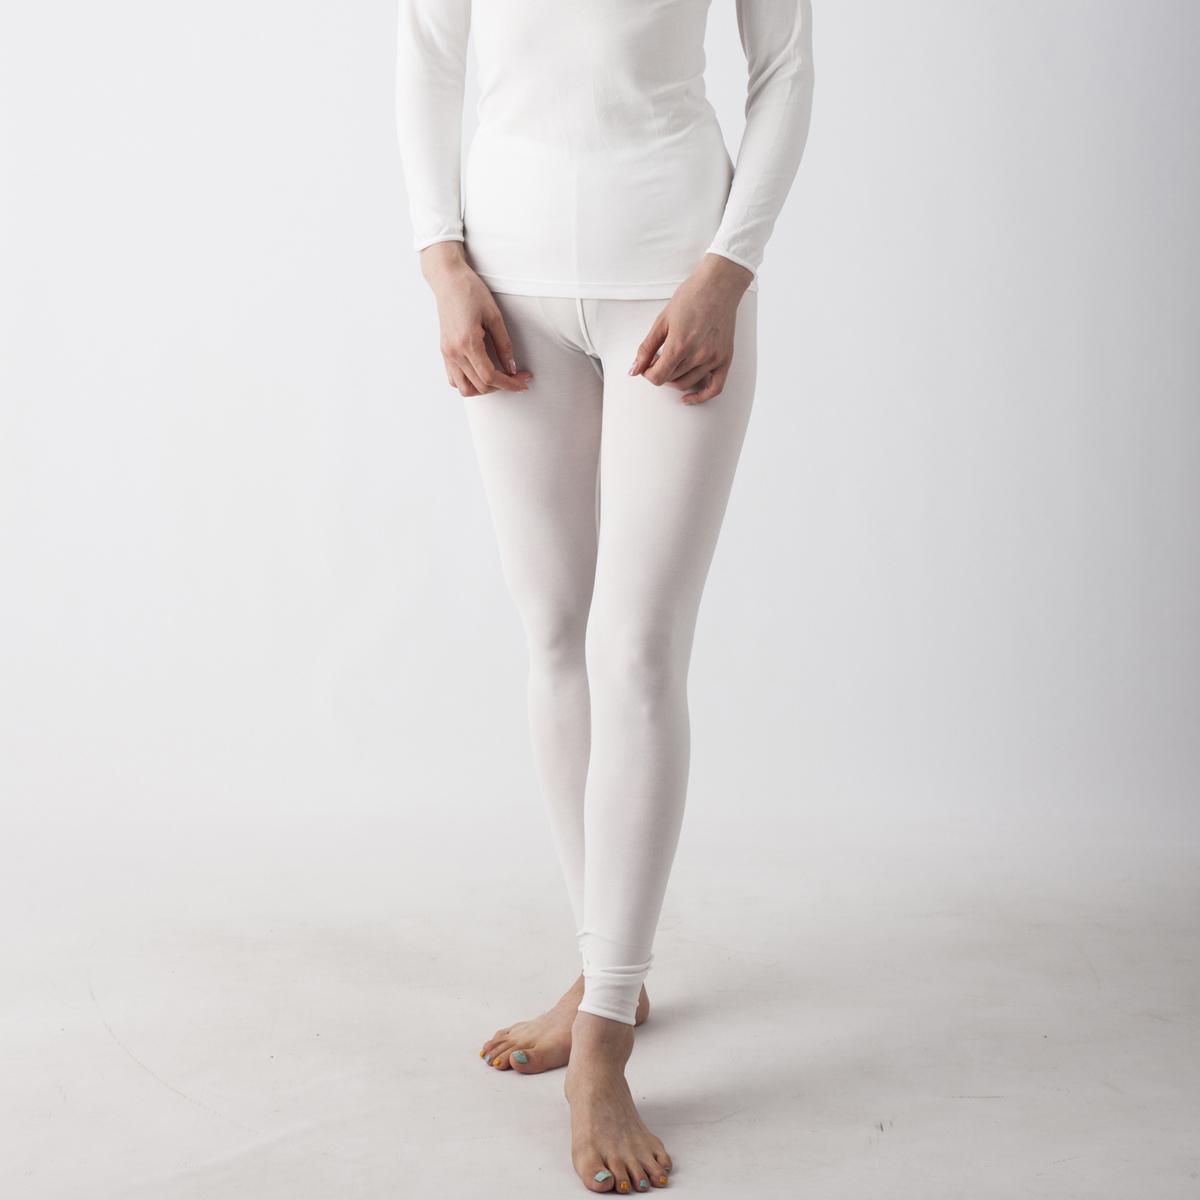 サポータス インナー(婦人用長袖下)